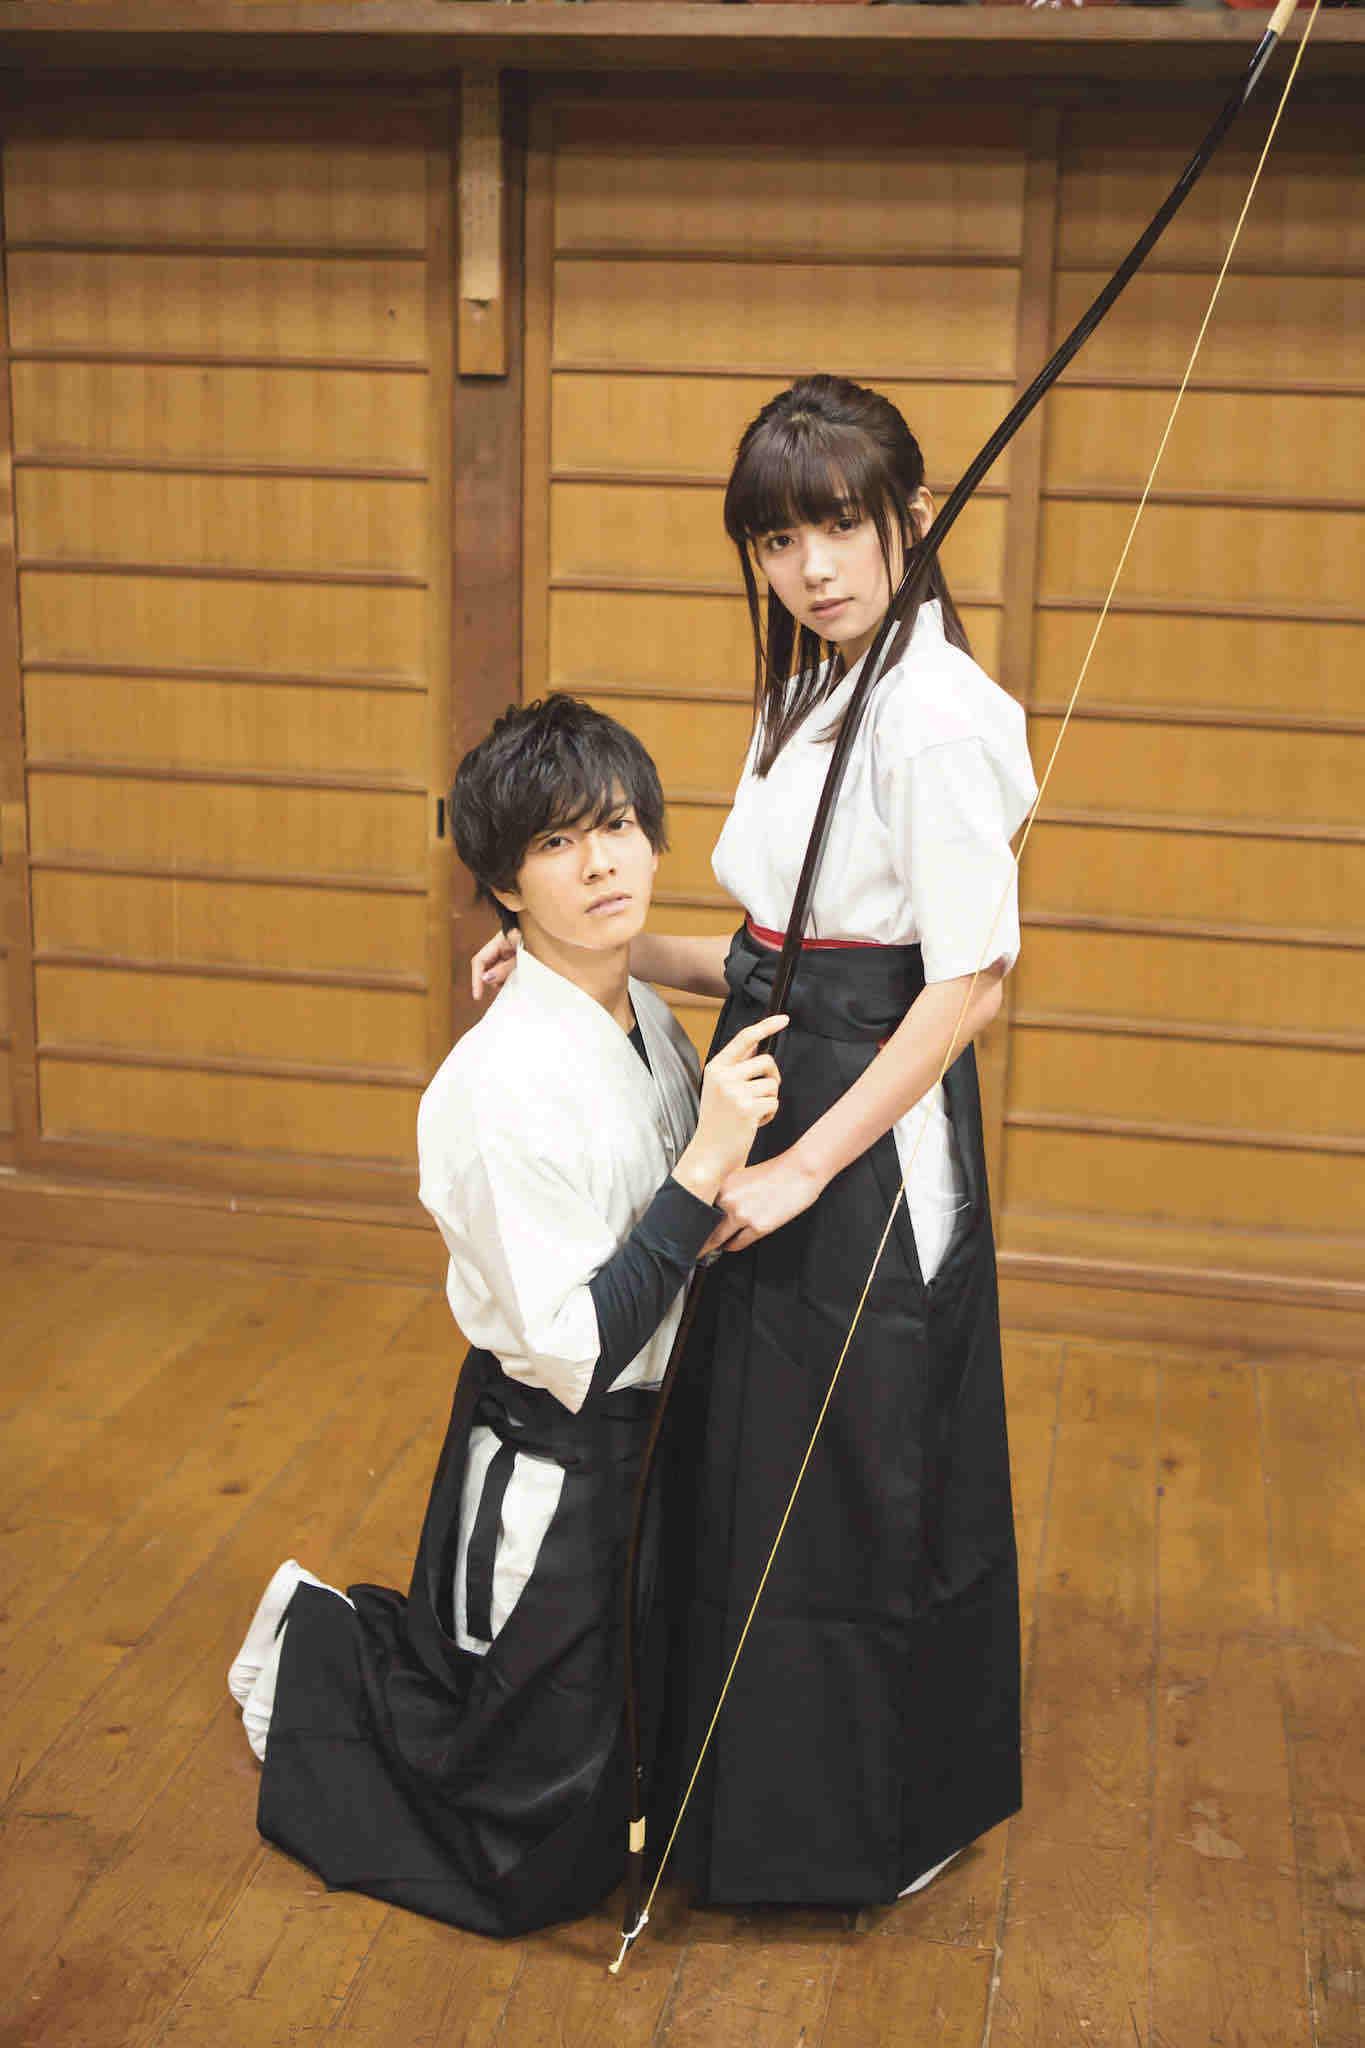 池田エライザの 弓道姿 に中尾暢樹が恋 一礼して キス 実写映画化